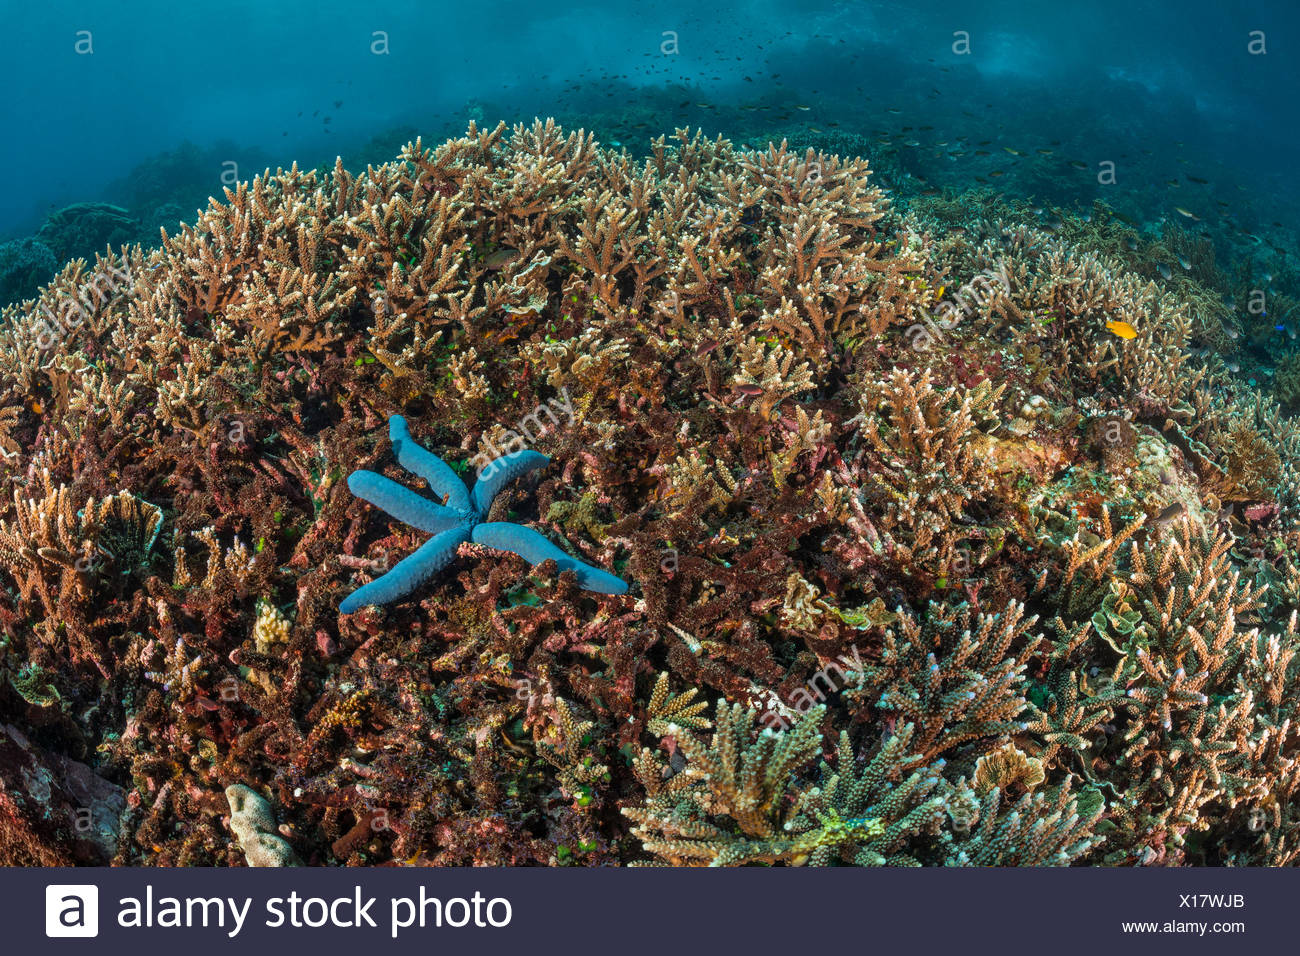 Corallo duro sulla cima della scogliera, Acropora sp., Alor, Indonesia Immagini Stock